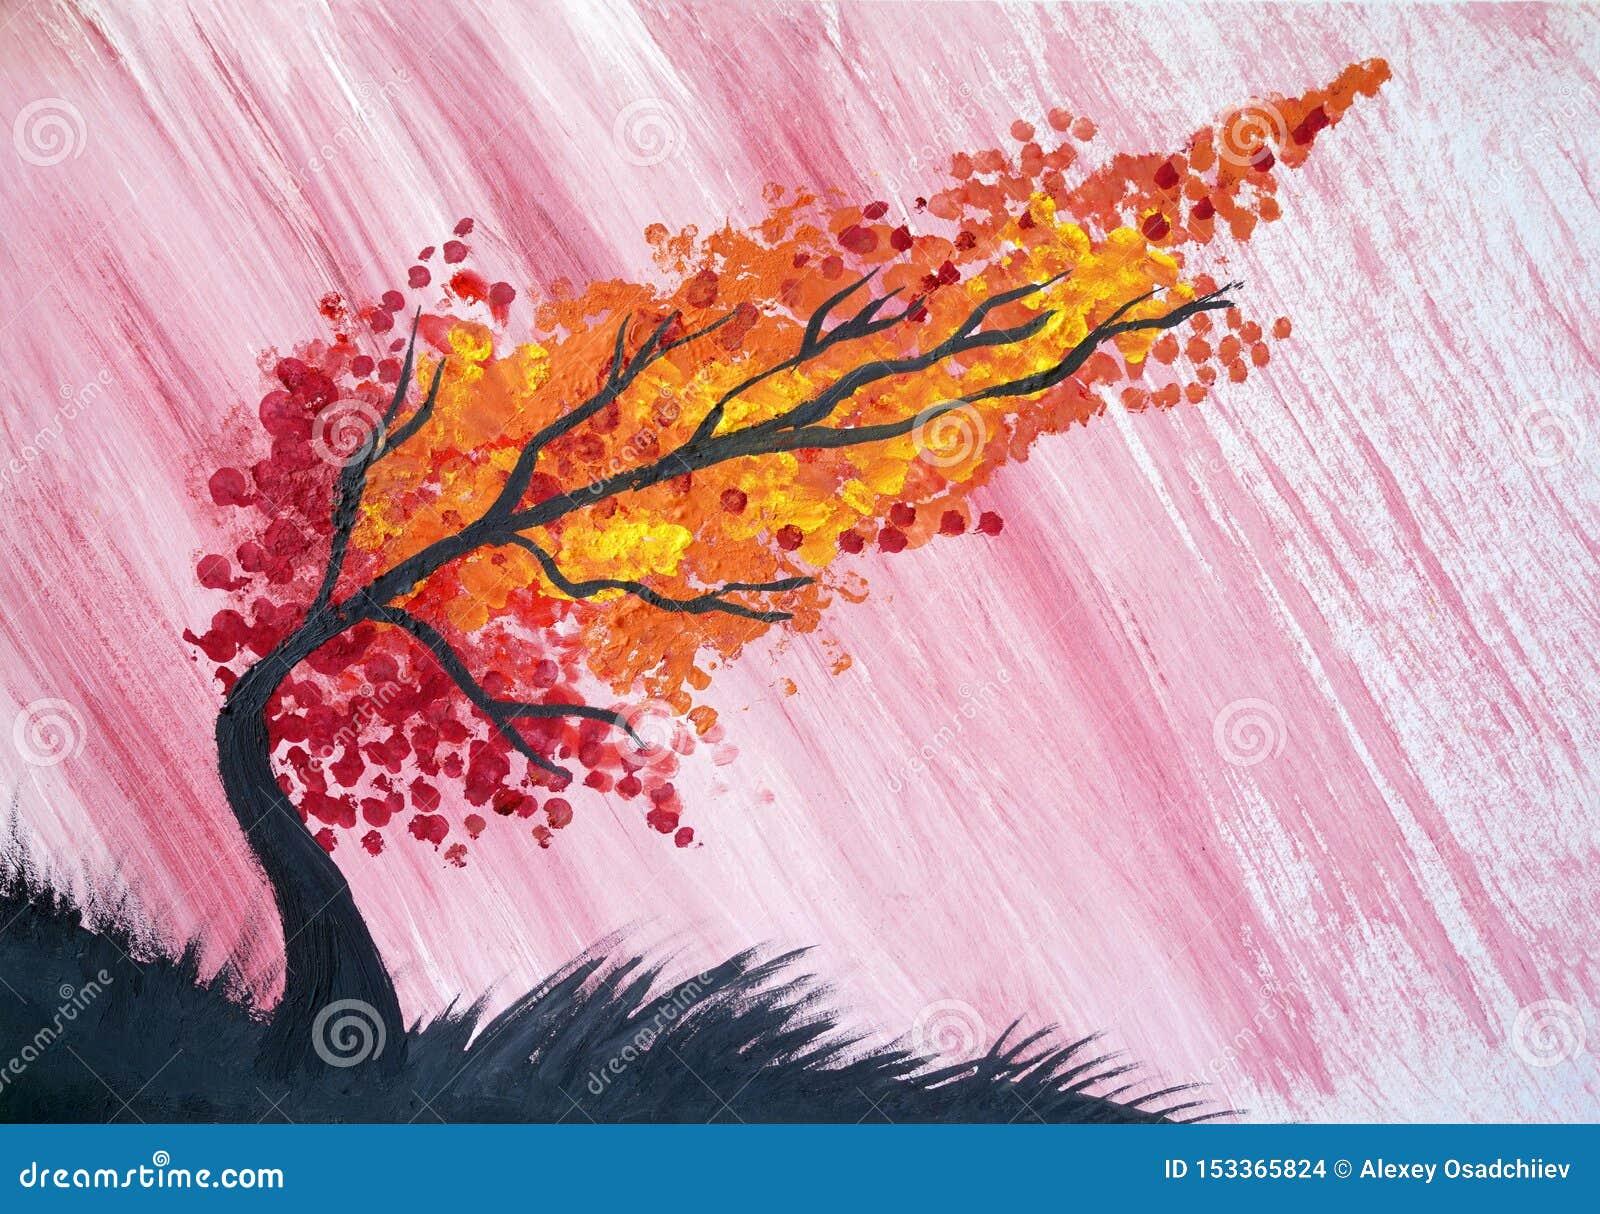 Aquarelle D'arbre D'automne De Pluie D'orage Illustration Stock -  Illustration du automne, orage: 153365824